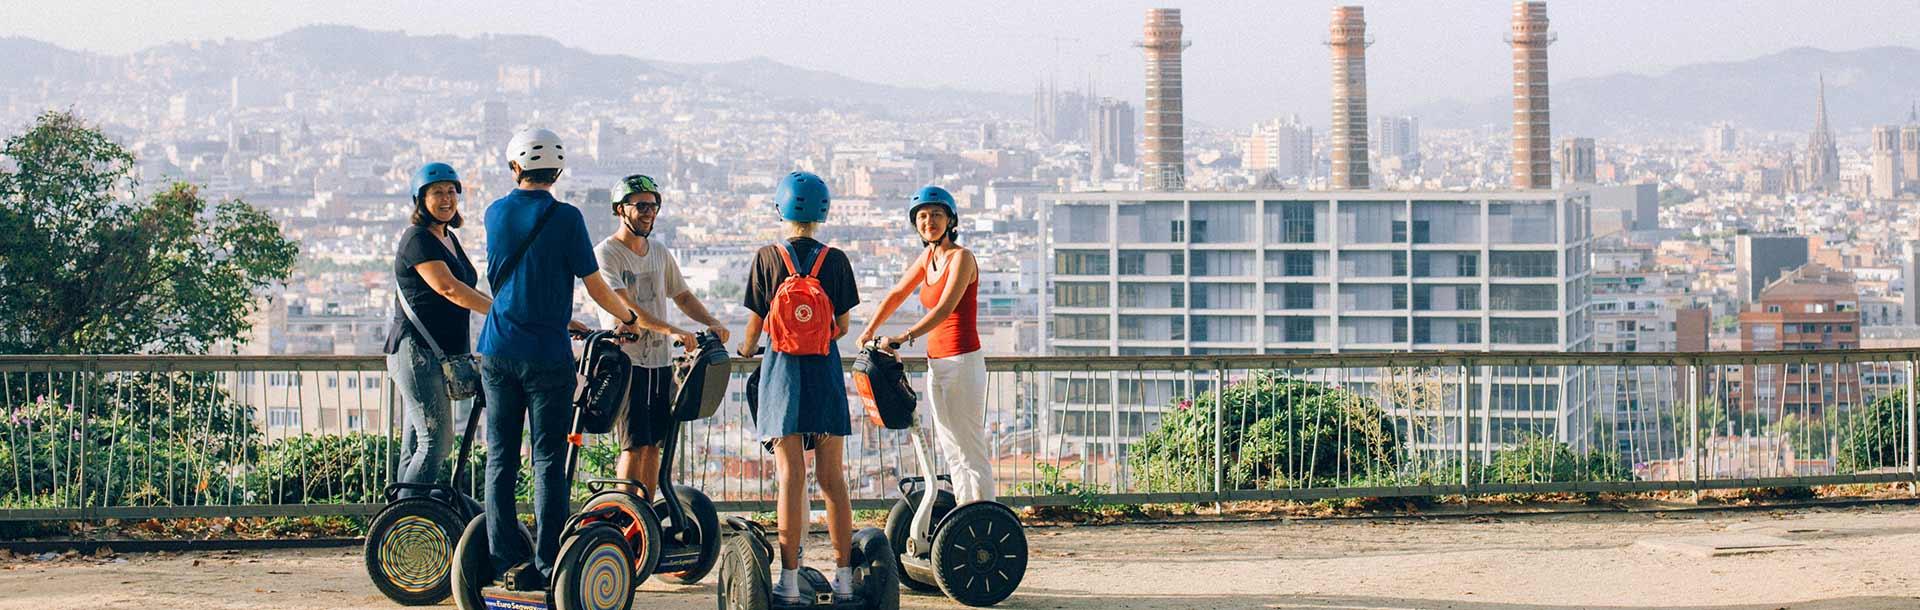 Montjuïc Sightseeing Segway Tour